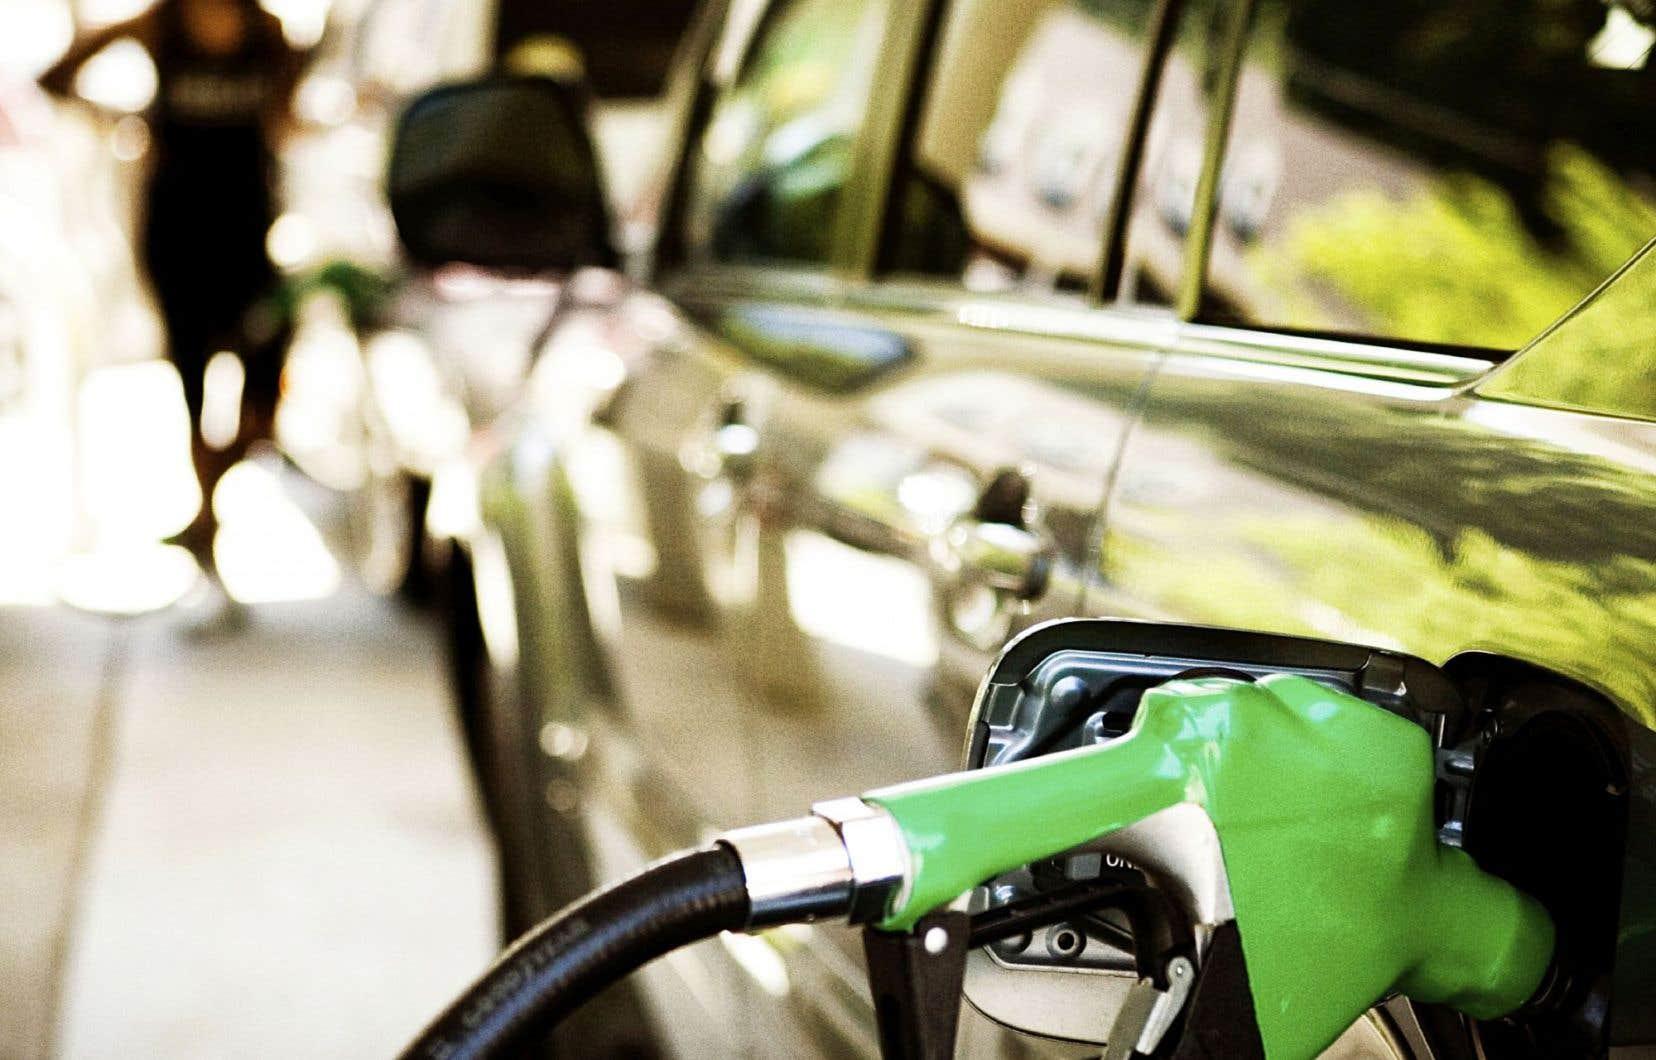 Frédéric-Georges Fontaine, professeur de chimie à l'Université Laval et membre du Centre de recherche en catalyse et chimie verte (C3V), travaille présentement avec son équipe à mettre au point un procédé chimique qui permettrait de transformer le CO2 en méthanol, un alcool combustible qui pourrait servir, entre autres, comme carburant.